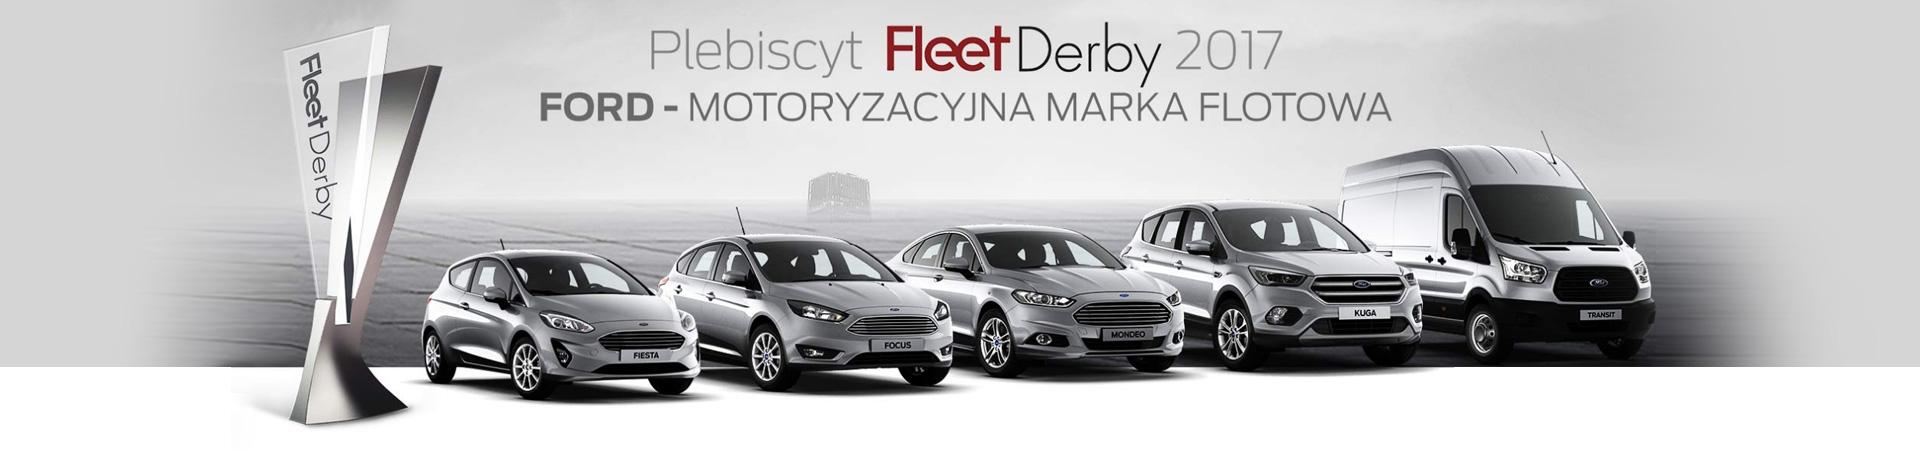 Ford marką flotową nr 1 w Polsce!